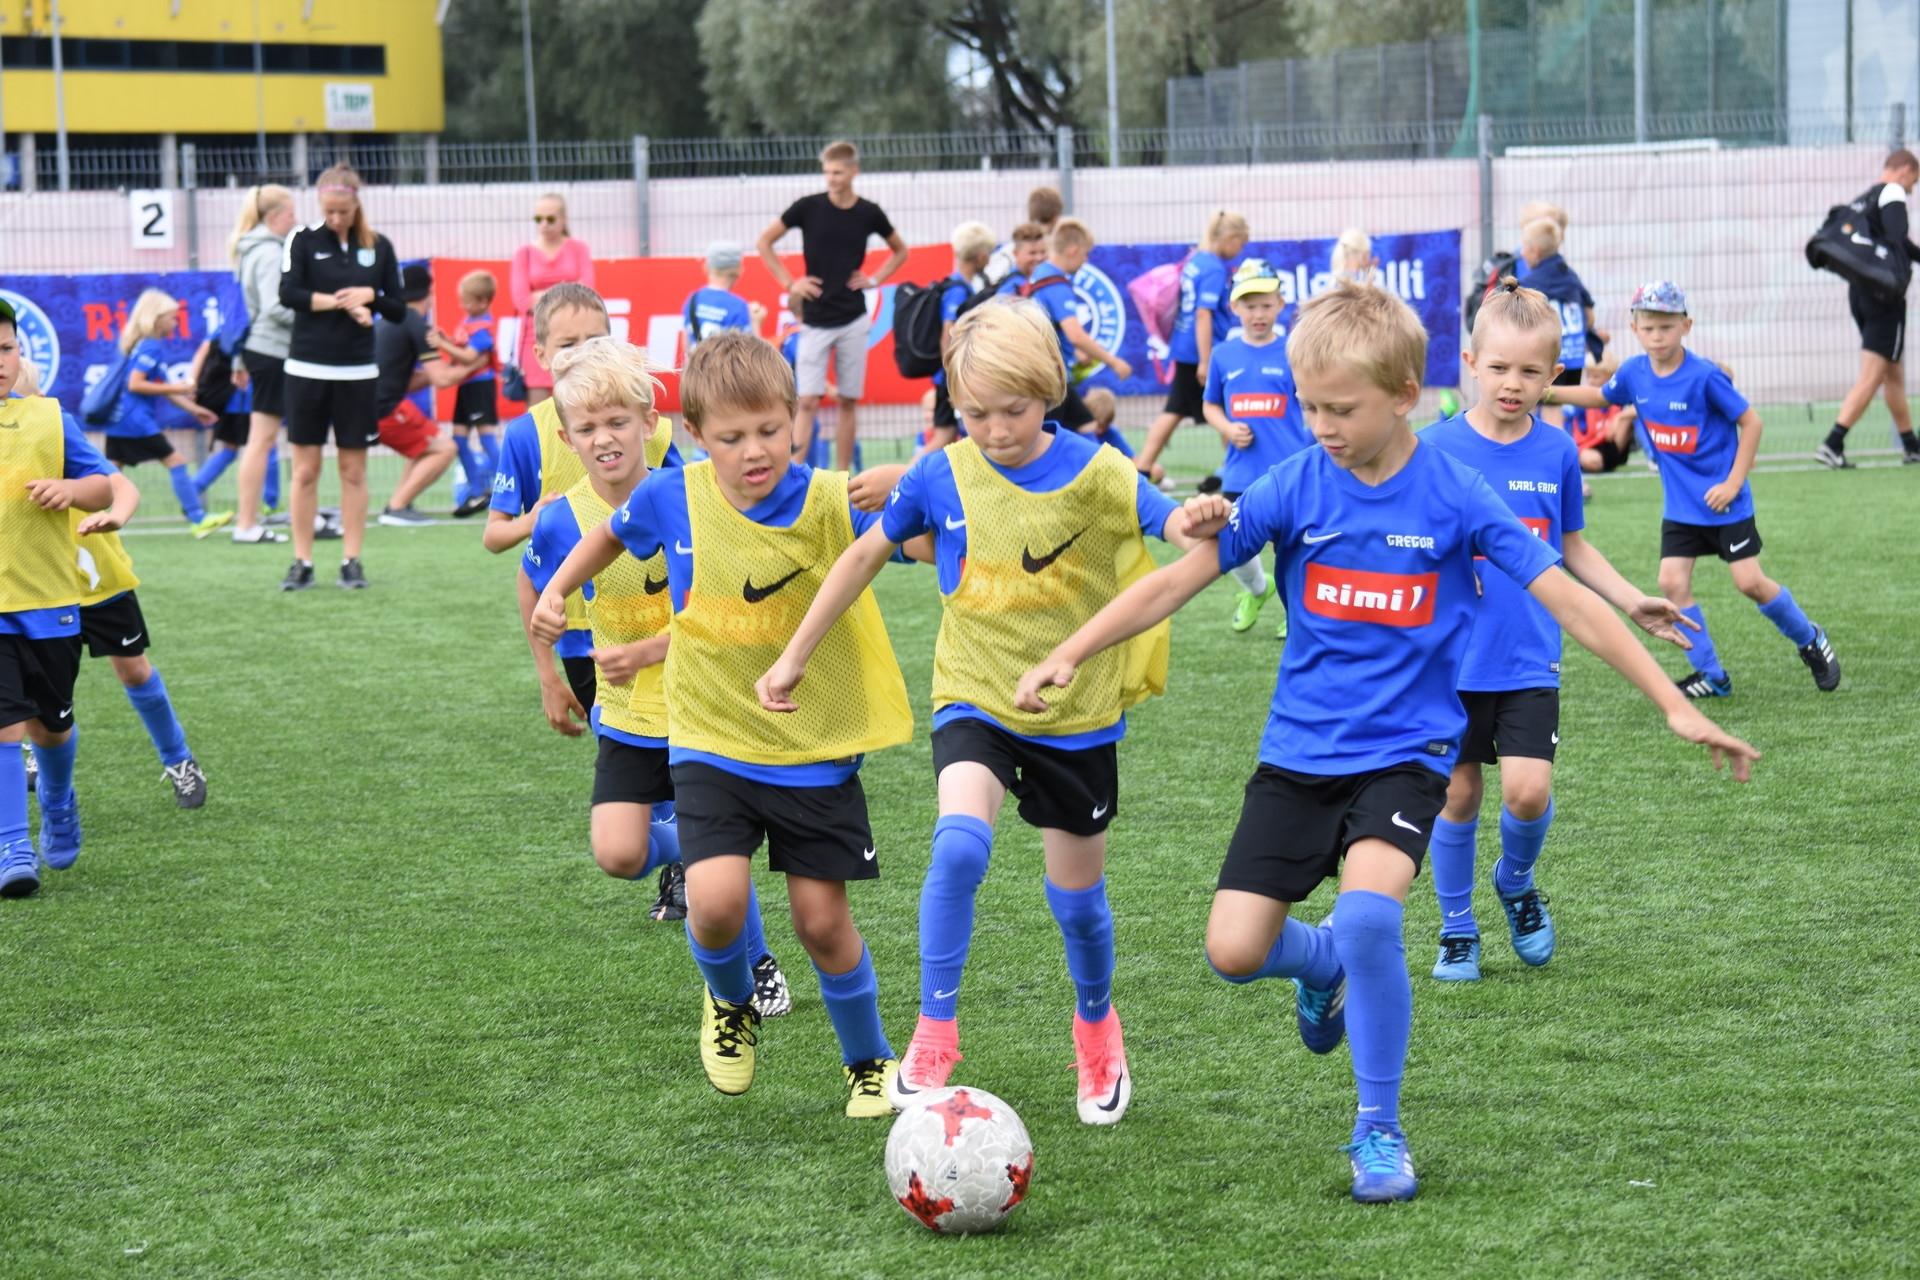 ae2d6d0c4a7 Eesti Jalgpalli Liidu (EJL) ja Rimi jalgpalli suvelaagrid alustavad suvel  oma 12. hooaega. Registreerimine 2019. aasta laagritesse algab  jalgpalliliidu ...